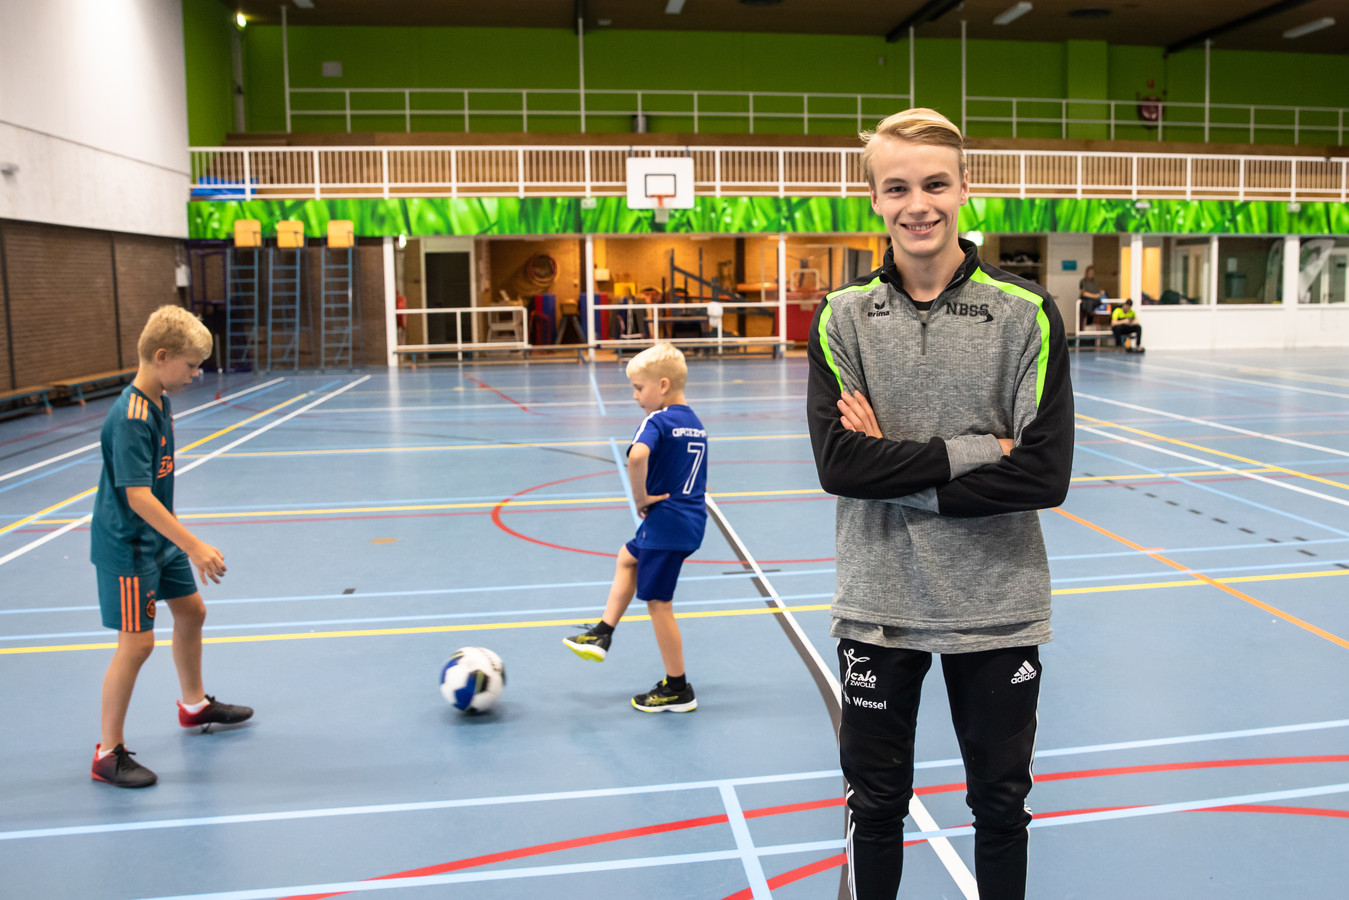 Matthijs van Wessel uit Soest doet vakantiewerk op sportieve wijze in een sporthal.